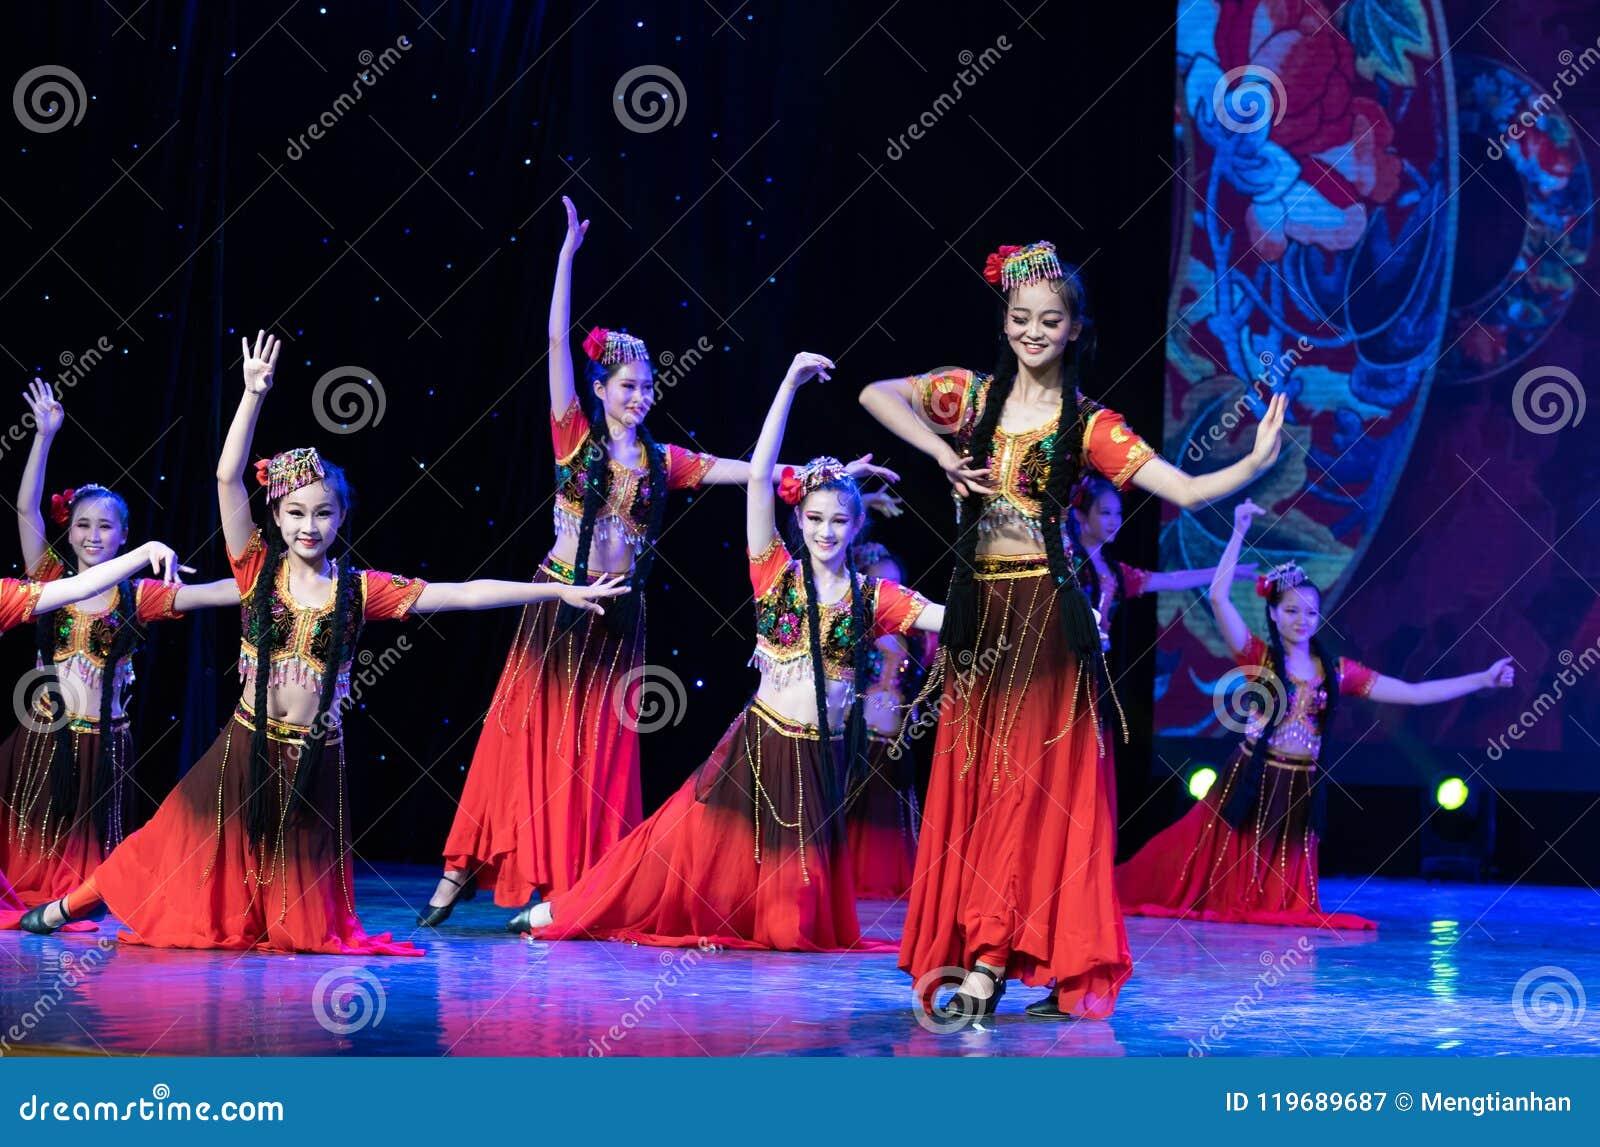 Uighurrosblom-Xinjiang uygur dans